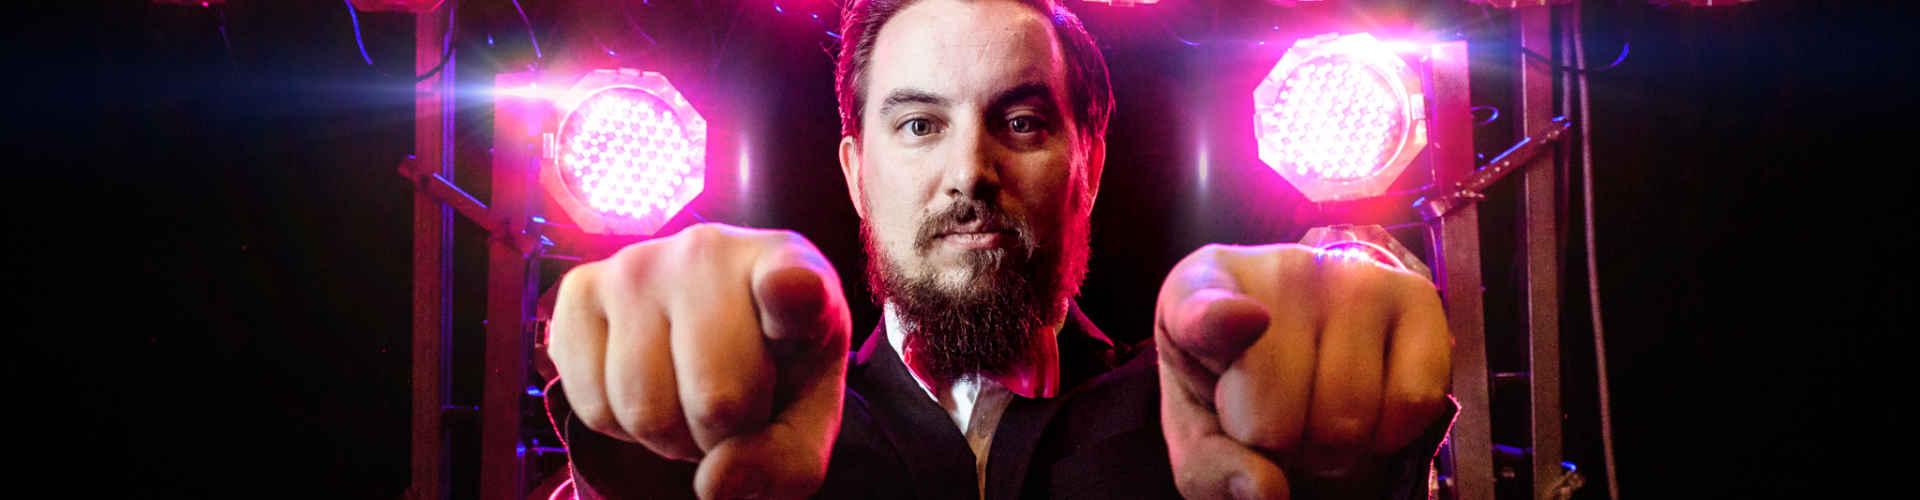 DJ huren voor feest Ambitious DJ Peter boeken hier voor tijdens fotoshoot in 't Evertshuis te Bodegraven